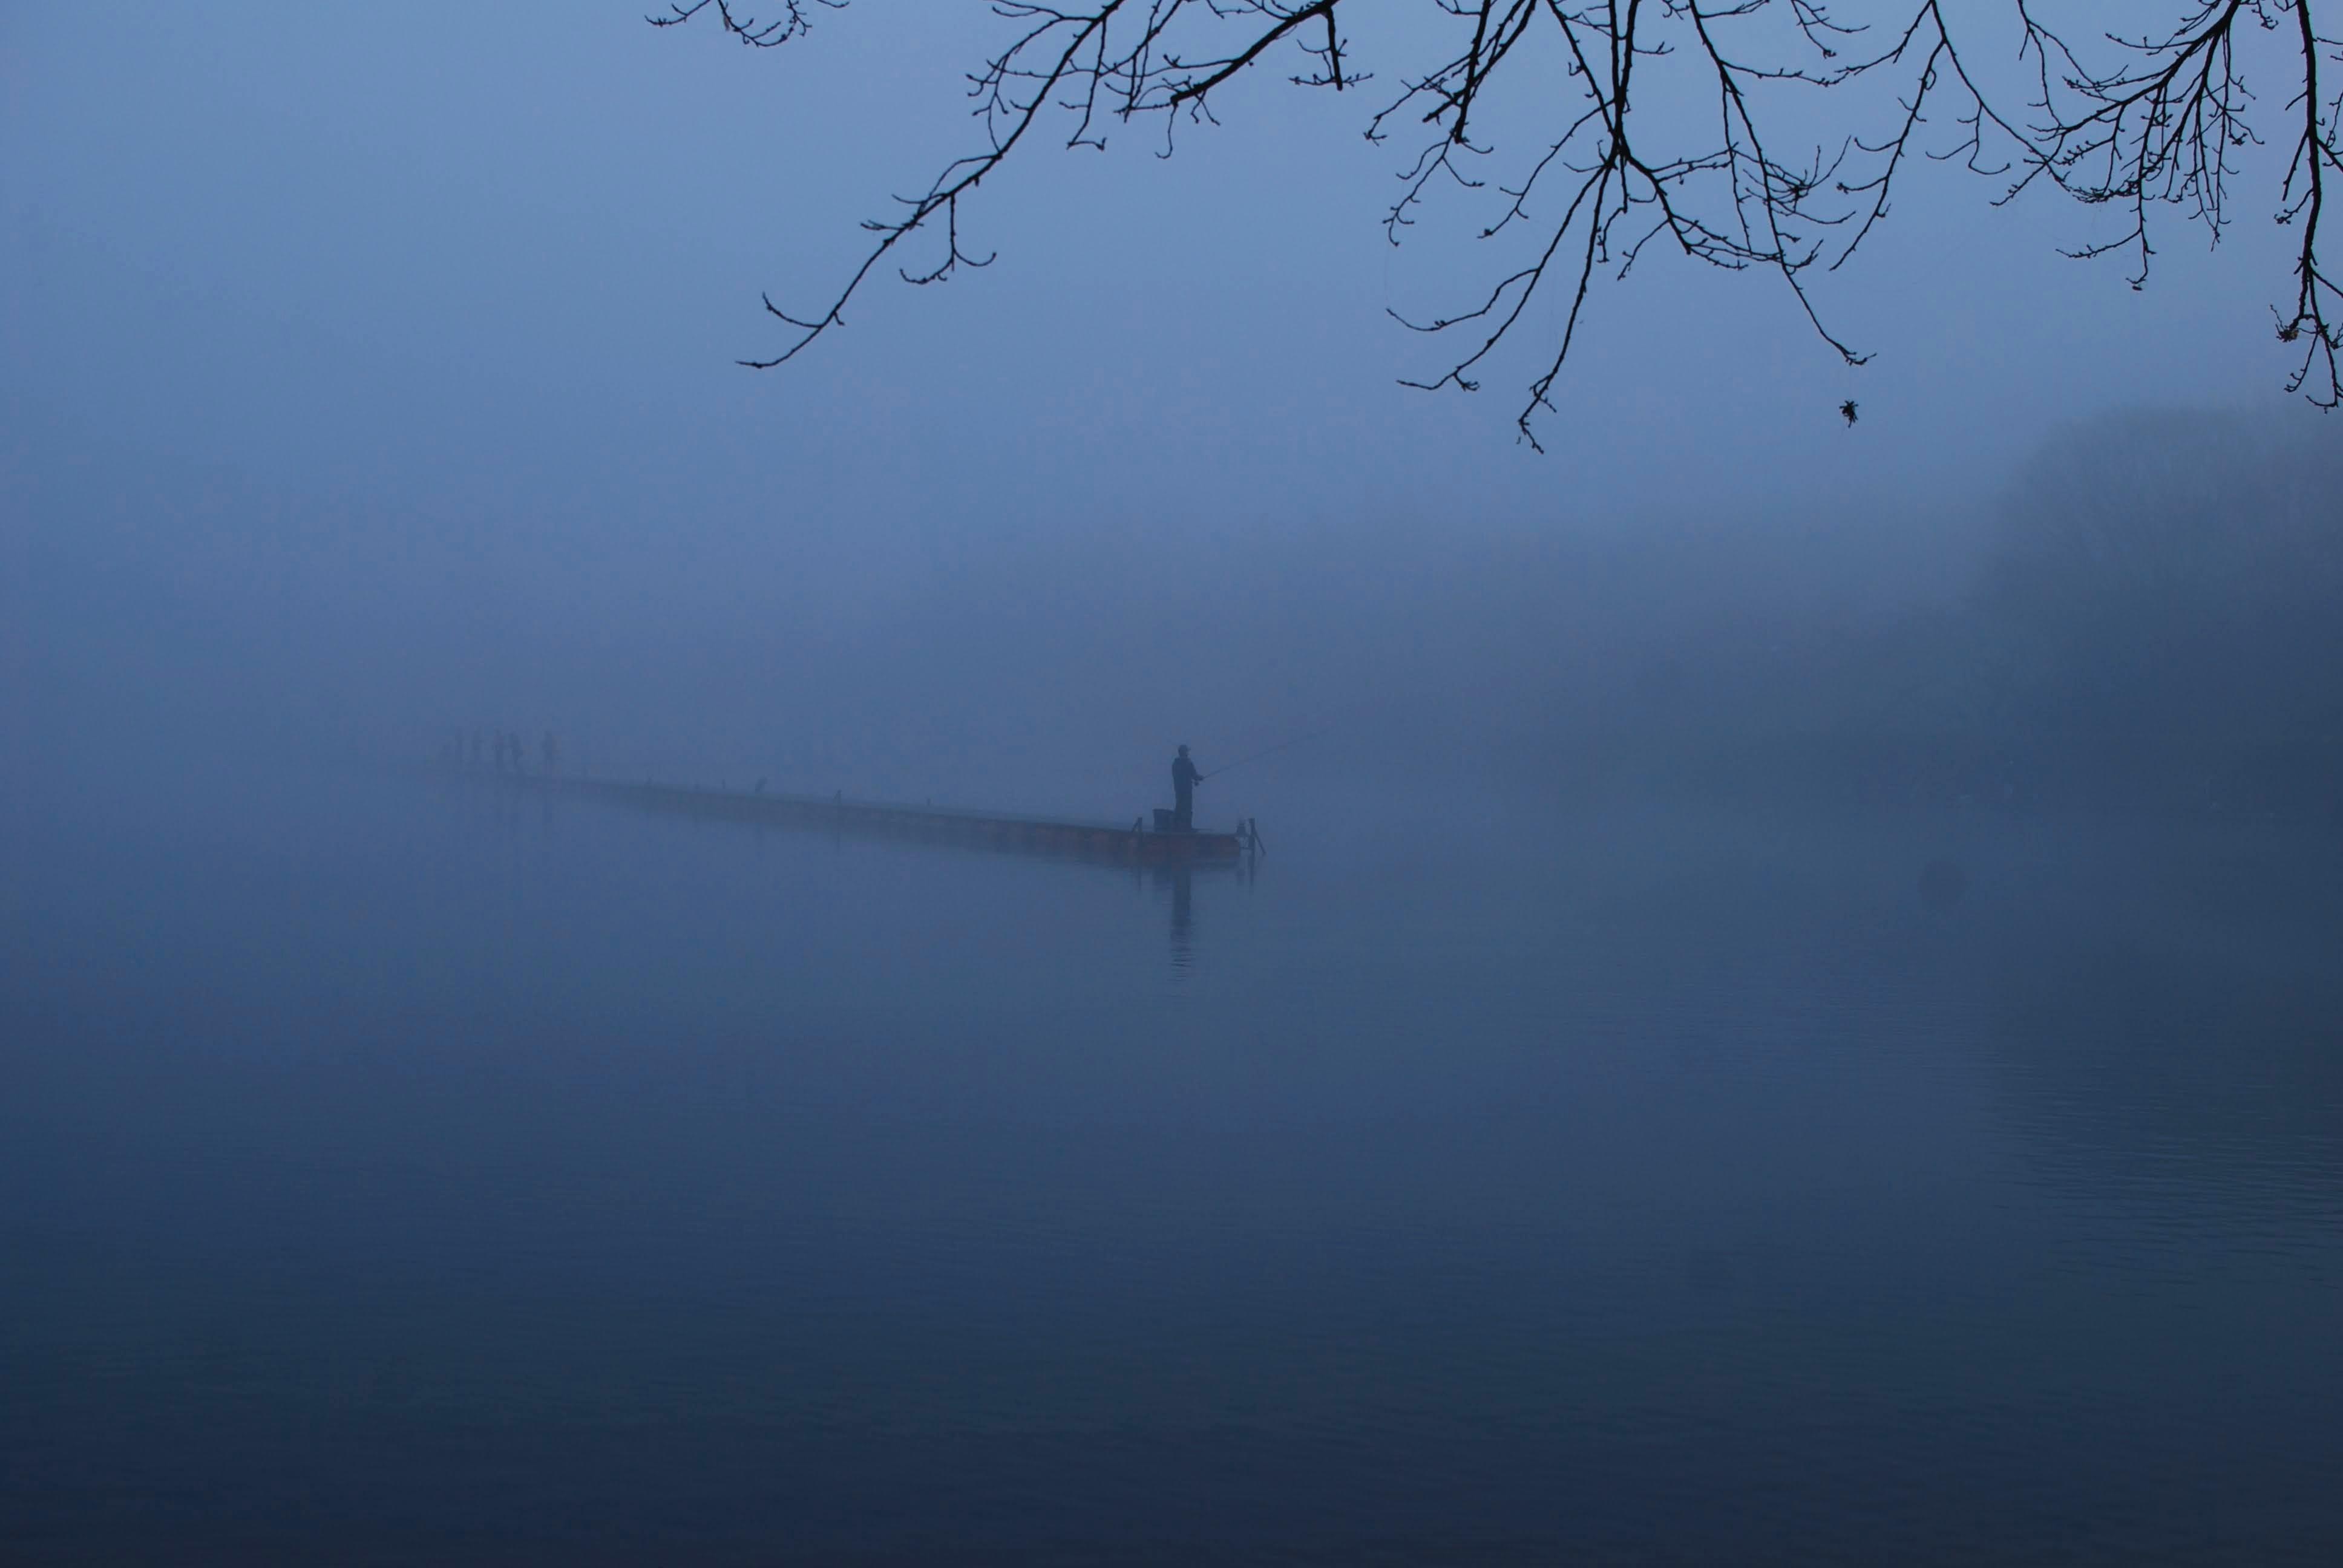 御殿場の朝。雲の中を体験できるのは日の出まで!?